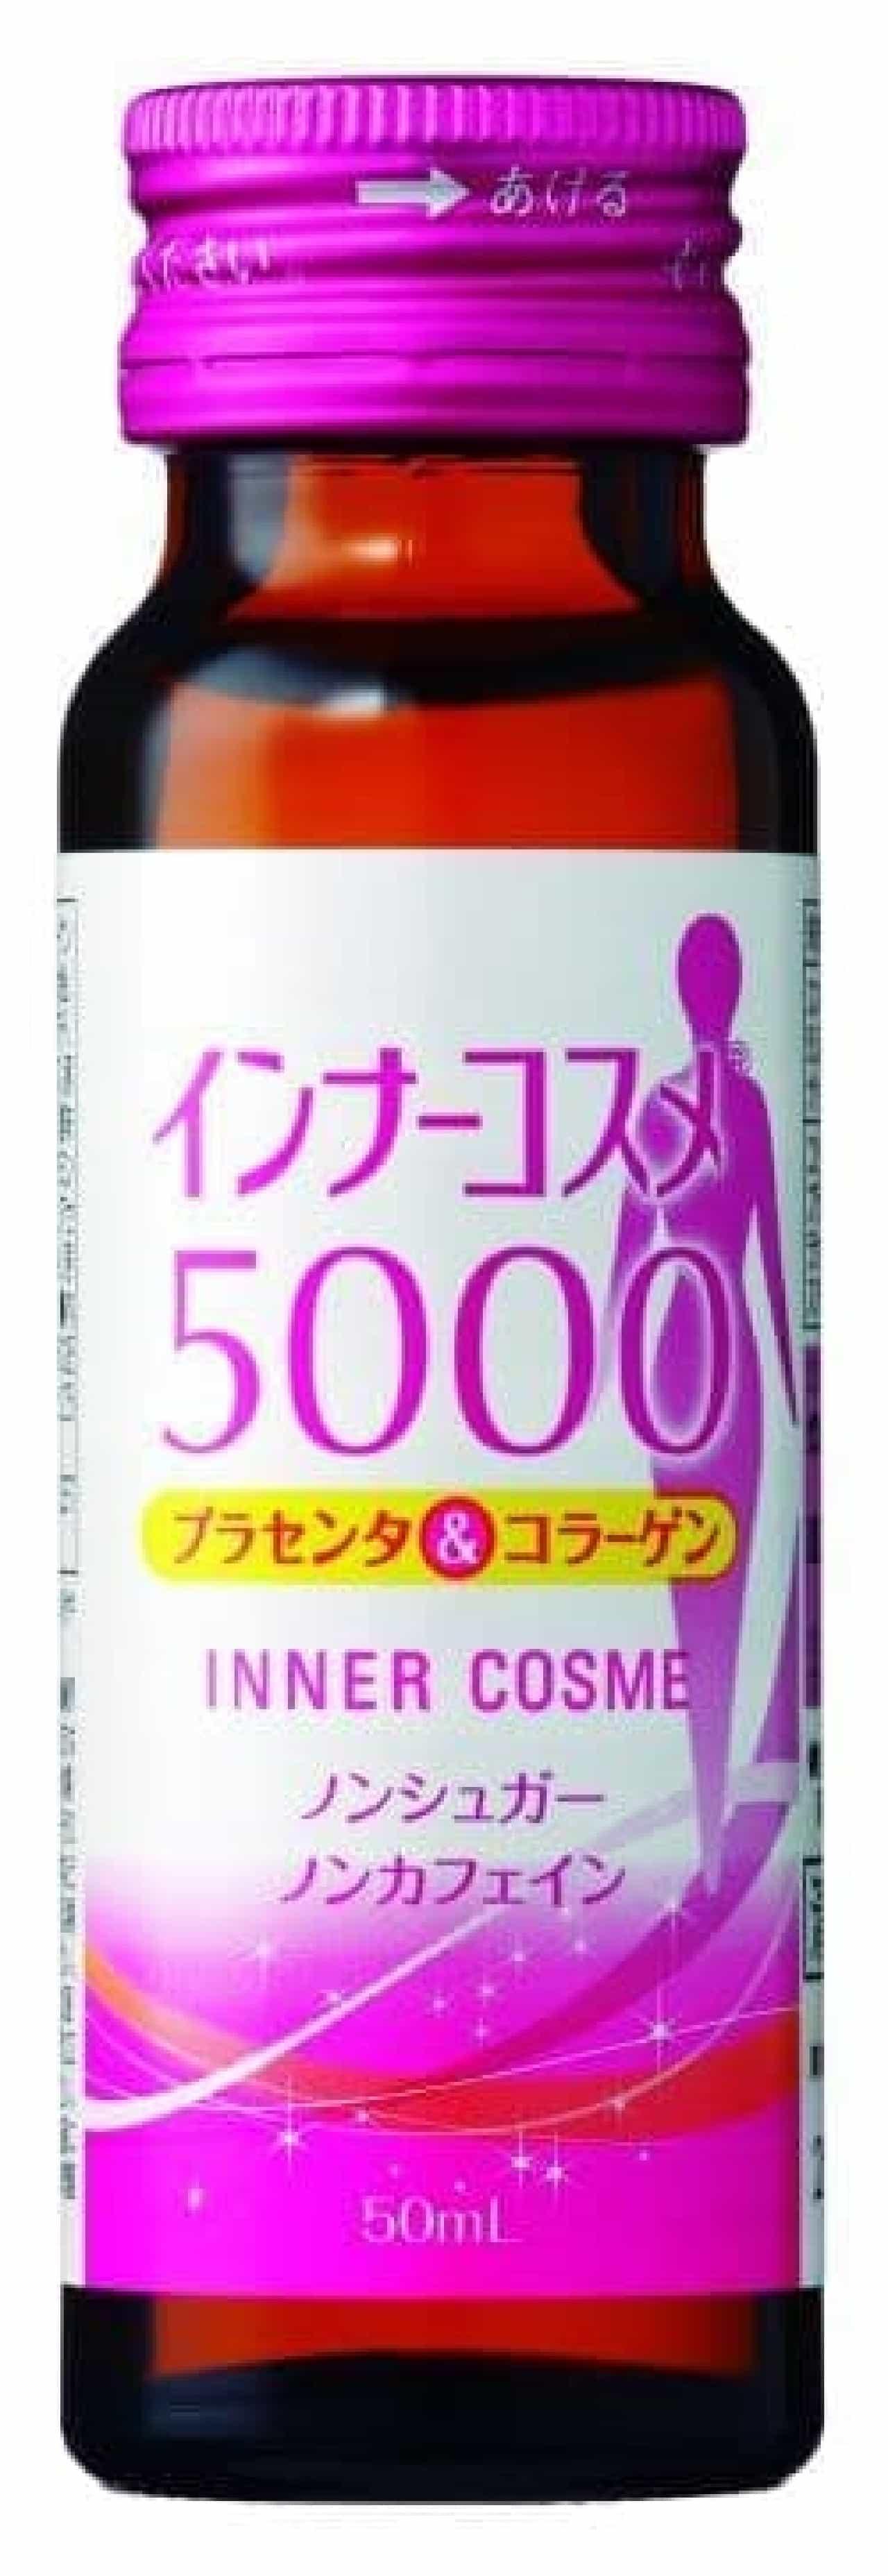 「インナーコスメ5000」  コラーゲンとプラセンタが配合